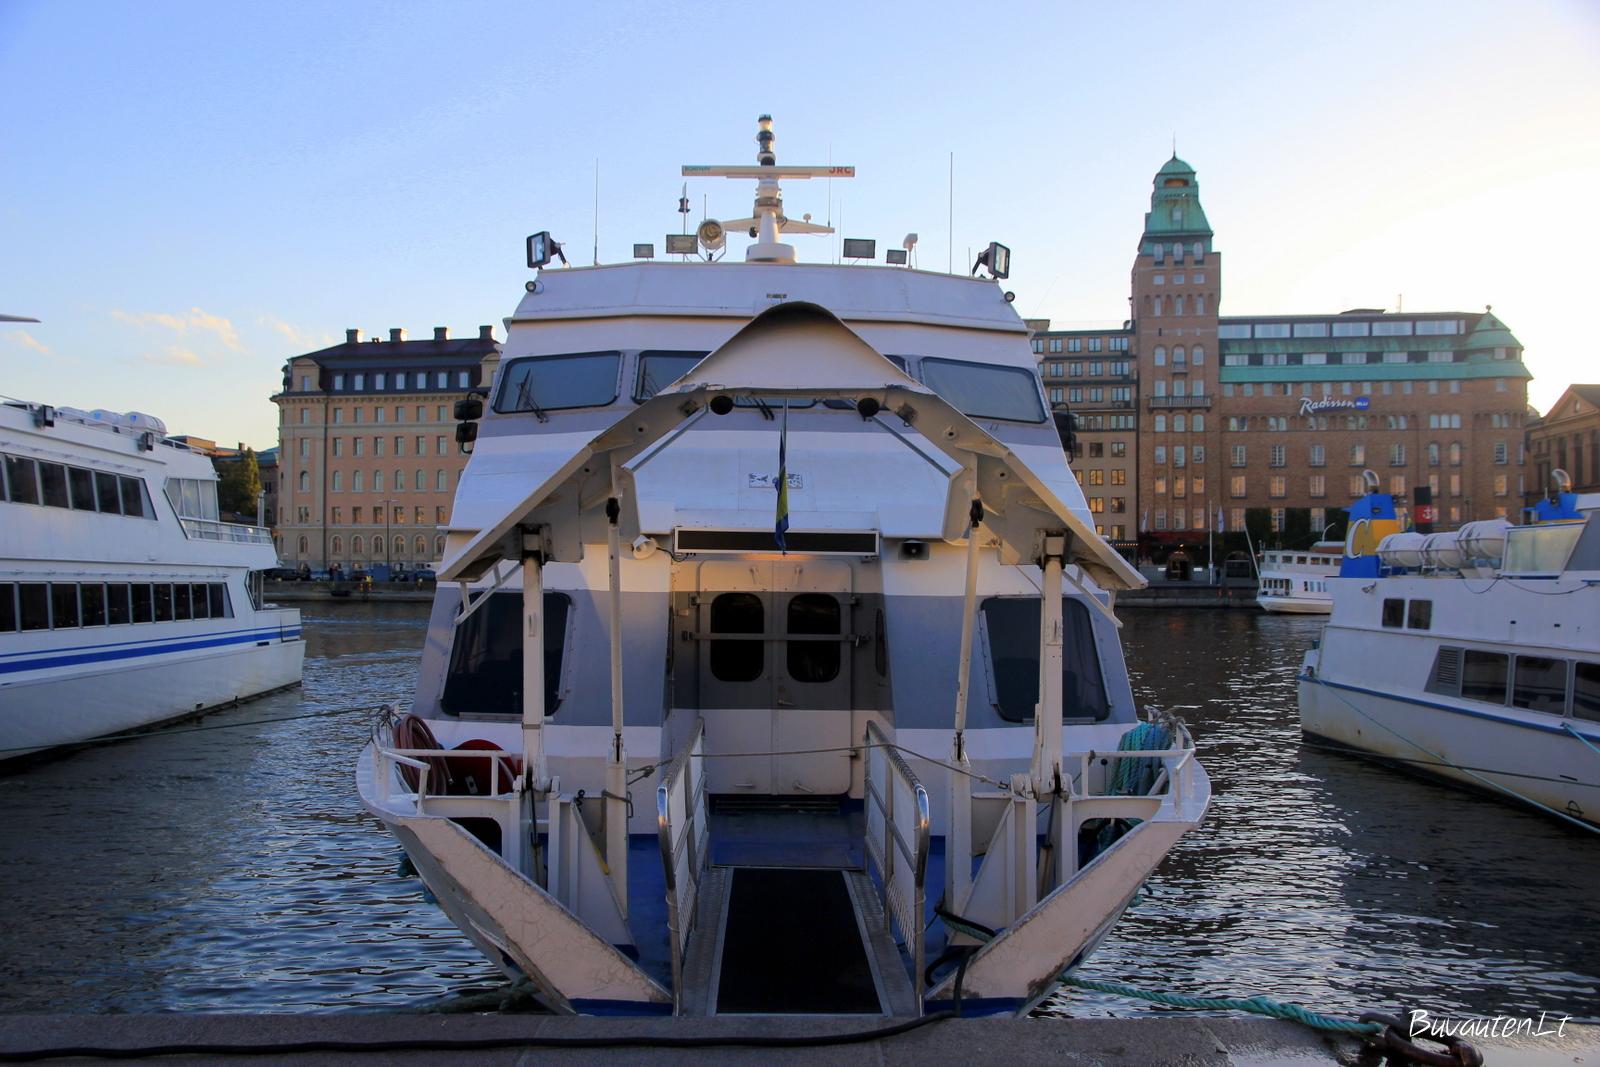 Stokholmo prieplaukos